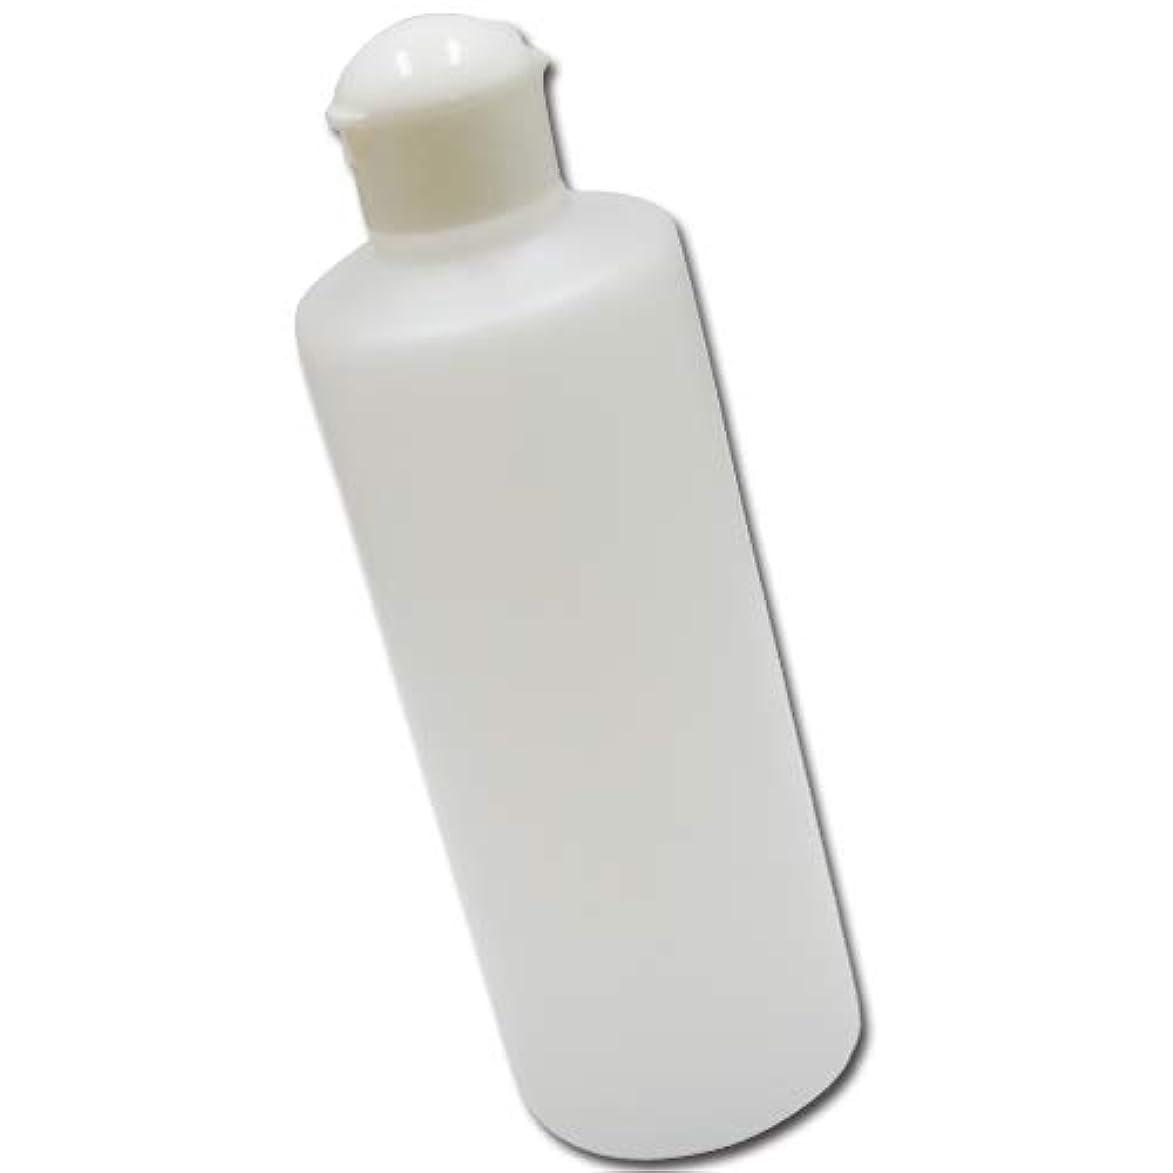 少年熱ピルファー詰め替え容器ワンタッチキャップ300ml (半透明)│業務用ローションやうがい薬、液体石鹸、調味料、化粧品などの小分けに便利なボトル